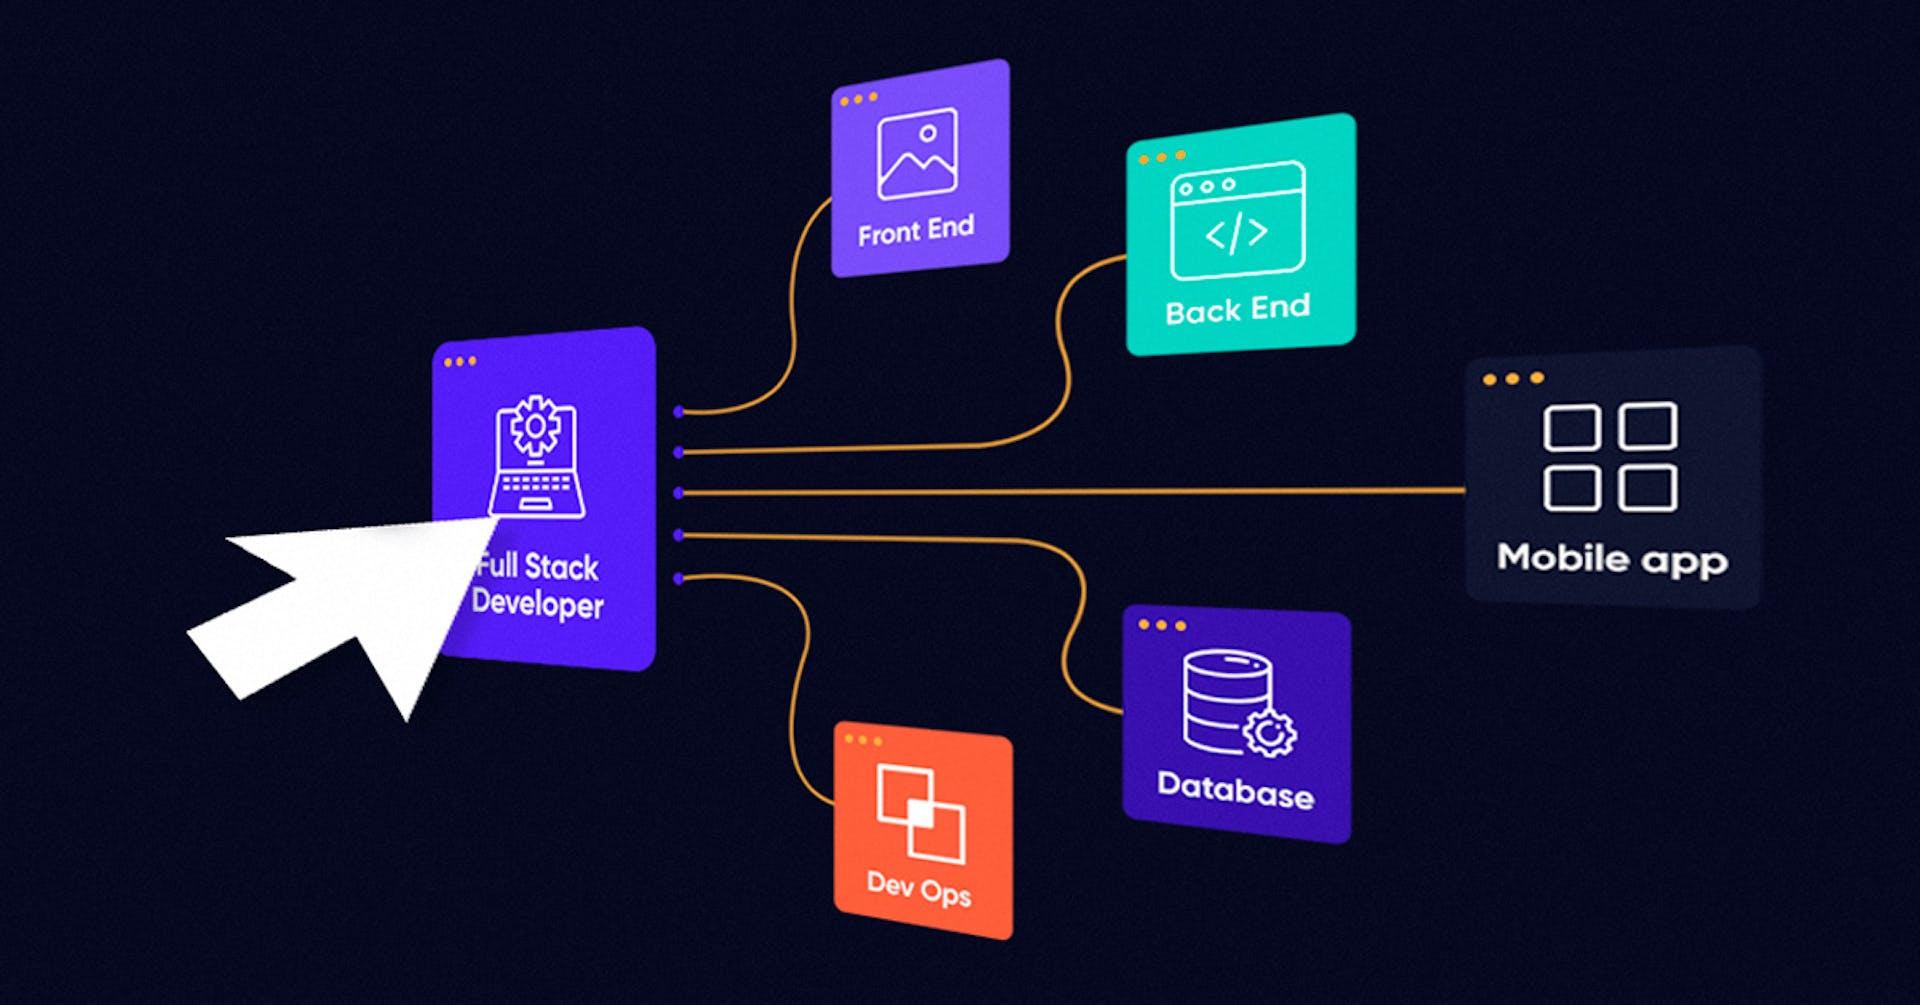 Conoce cómo convertirte en un desarrollador Full stack para potenciar tu perfil laboral